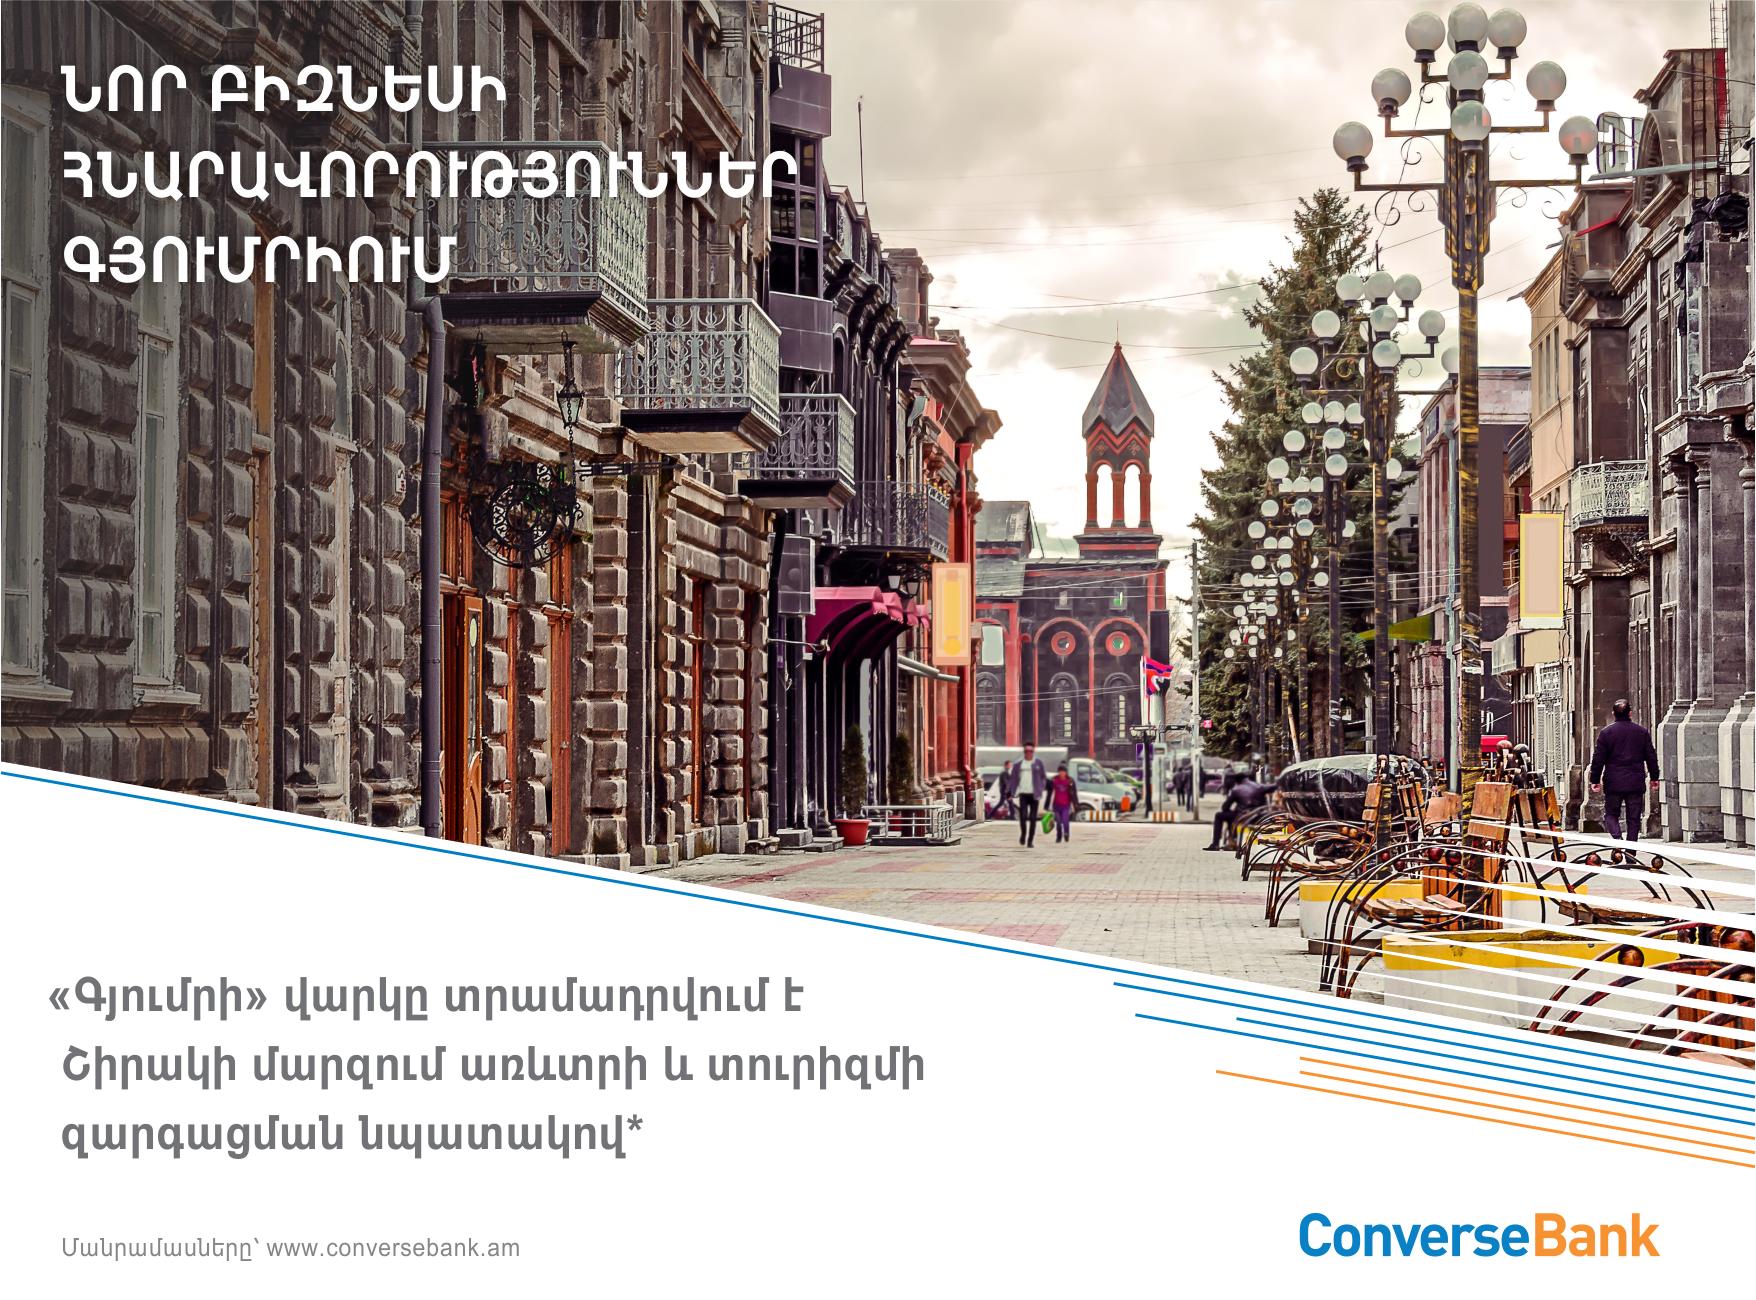 Կոնվերս բանկ. ներդրվել է Շիրակի մարզի զարգացմանը միտված 2 վարկային պրոդուկտ